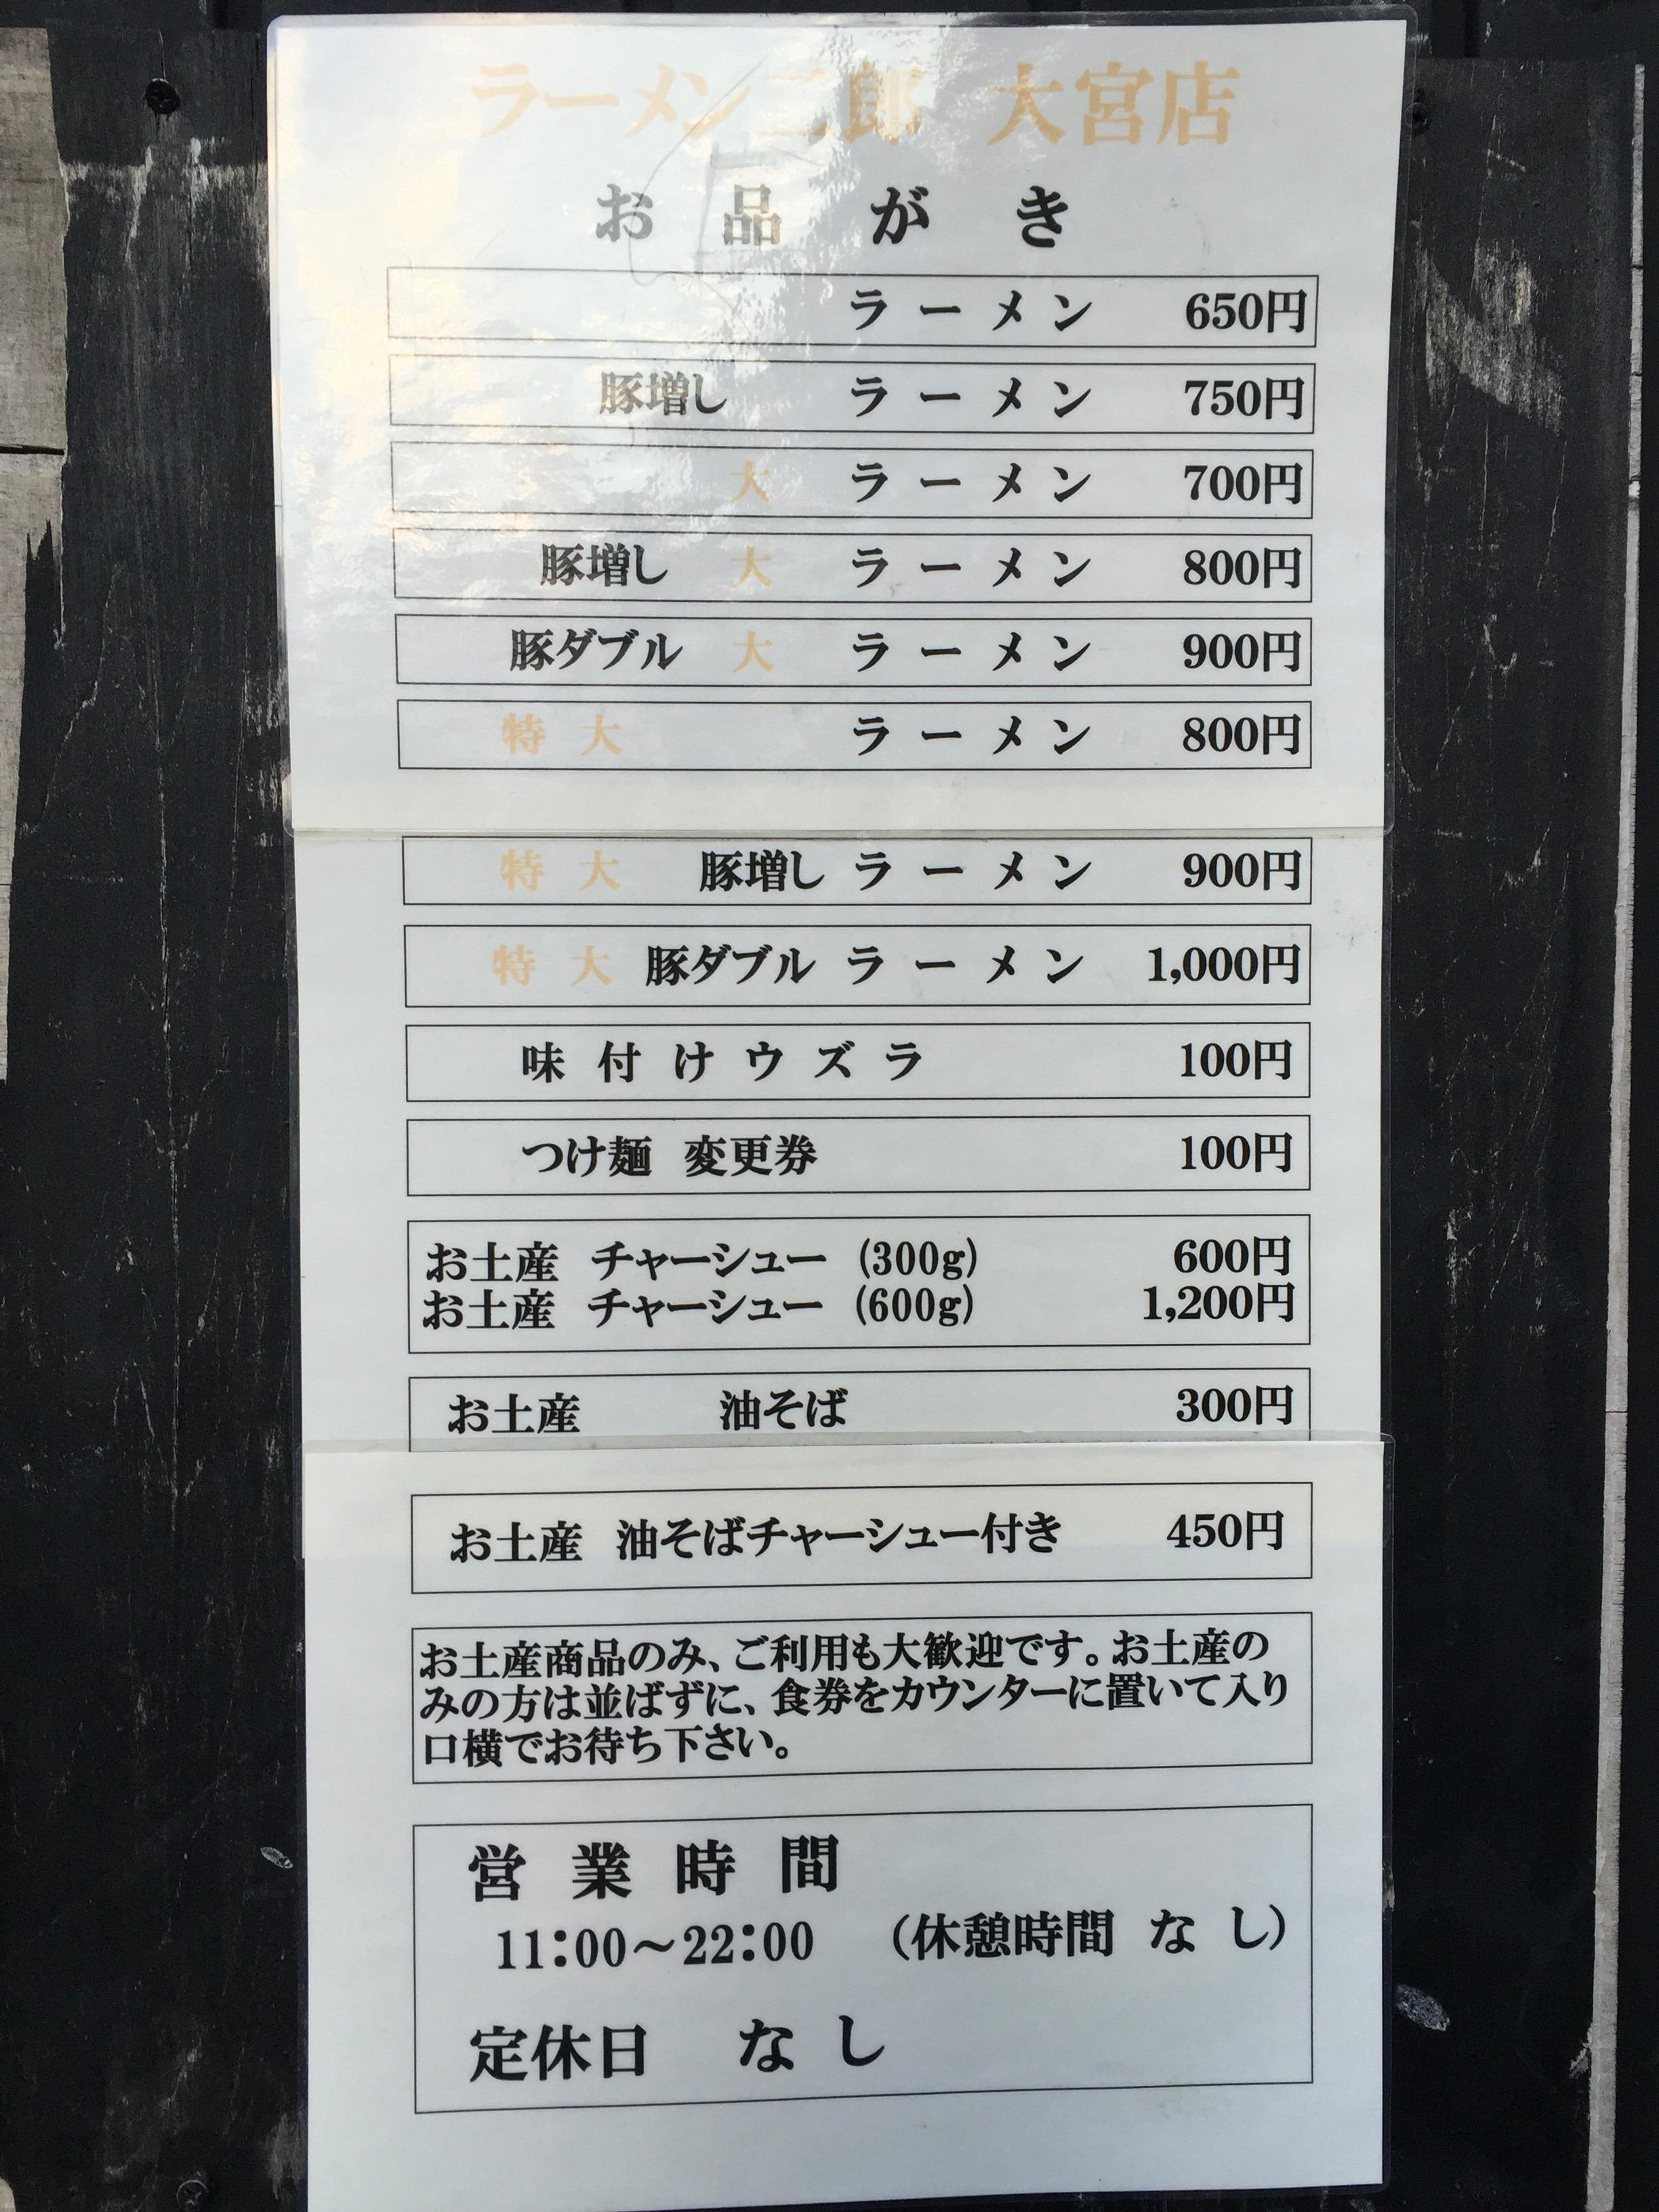 ラーメン二郎大宮店のメニュー